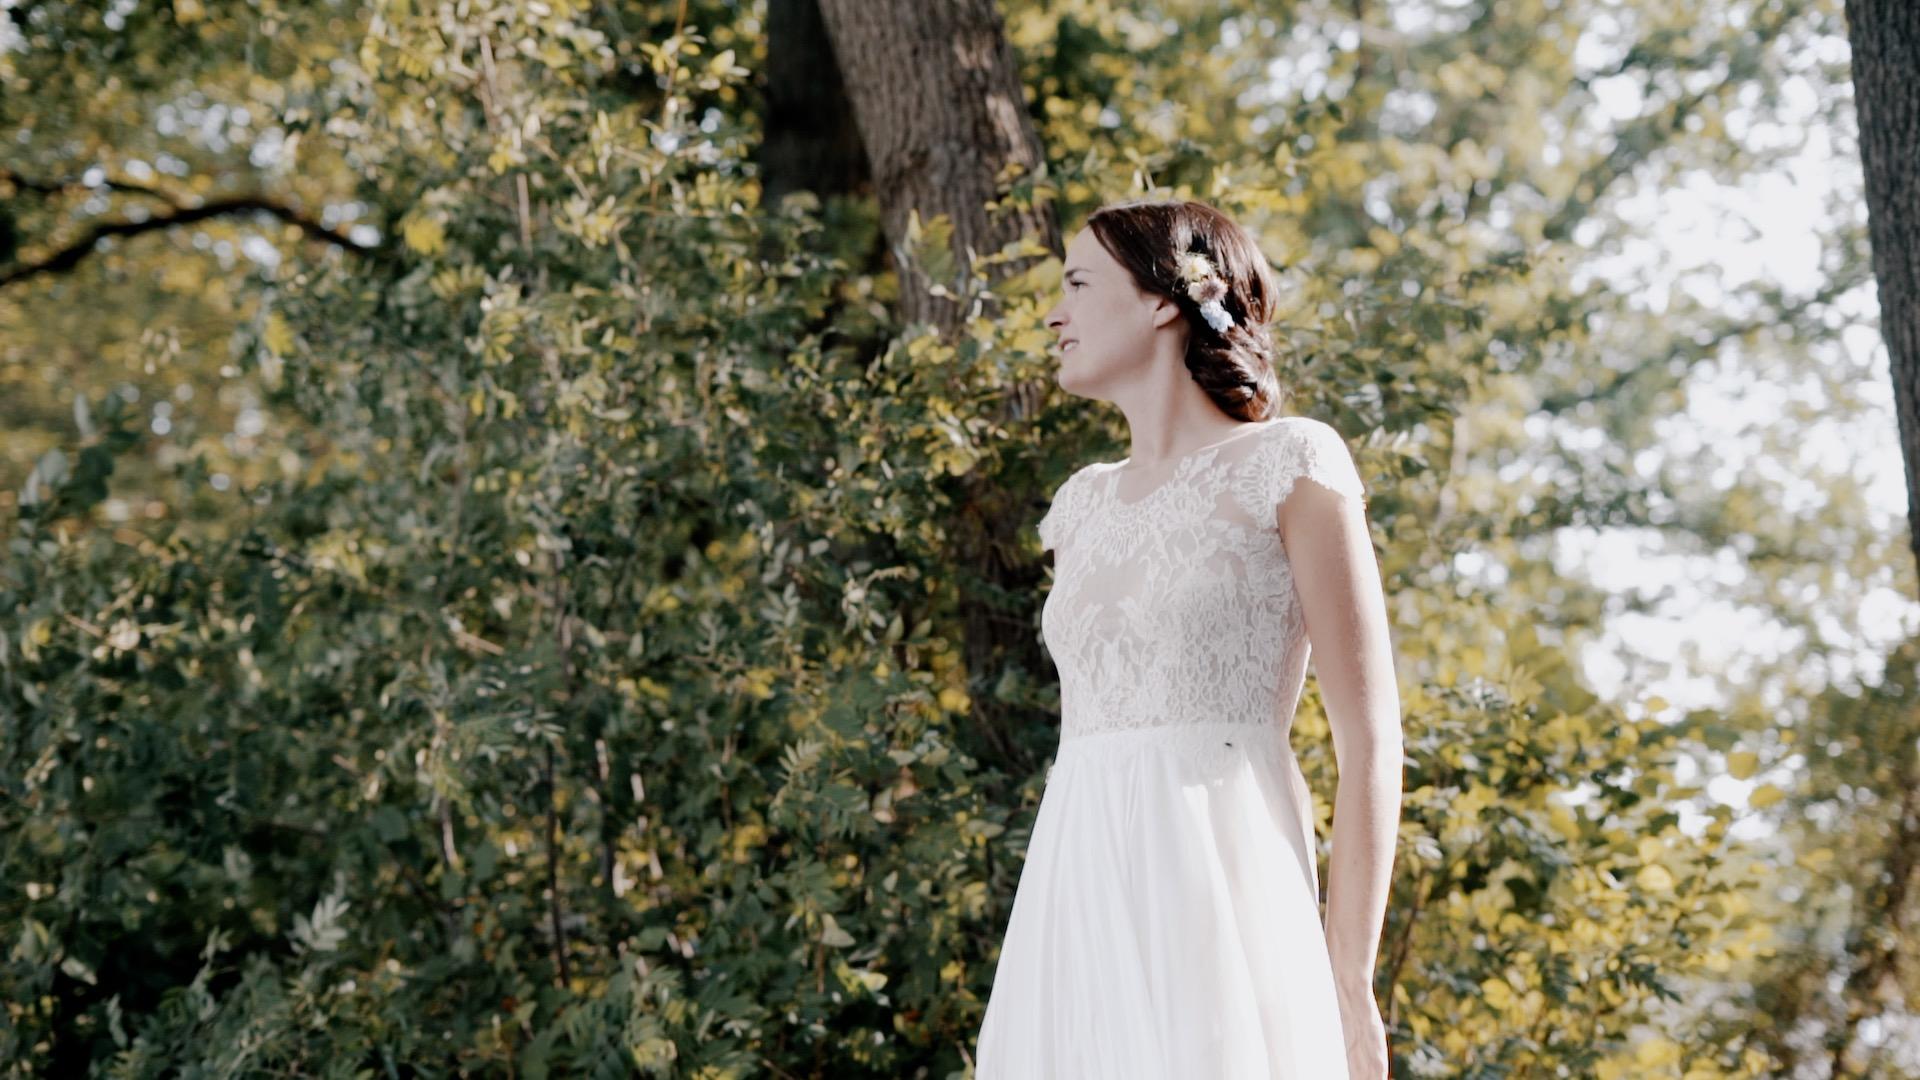 Bokel-Mühle Hochzeitsfilm